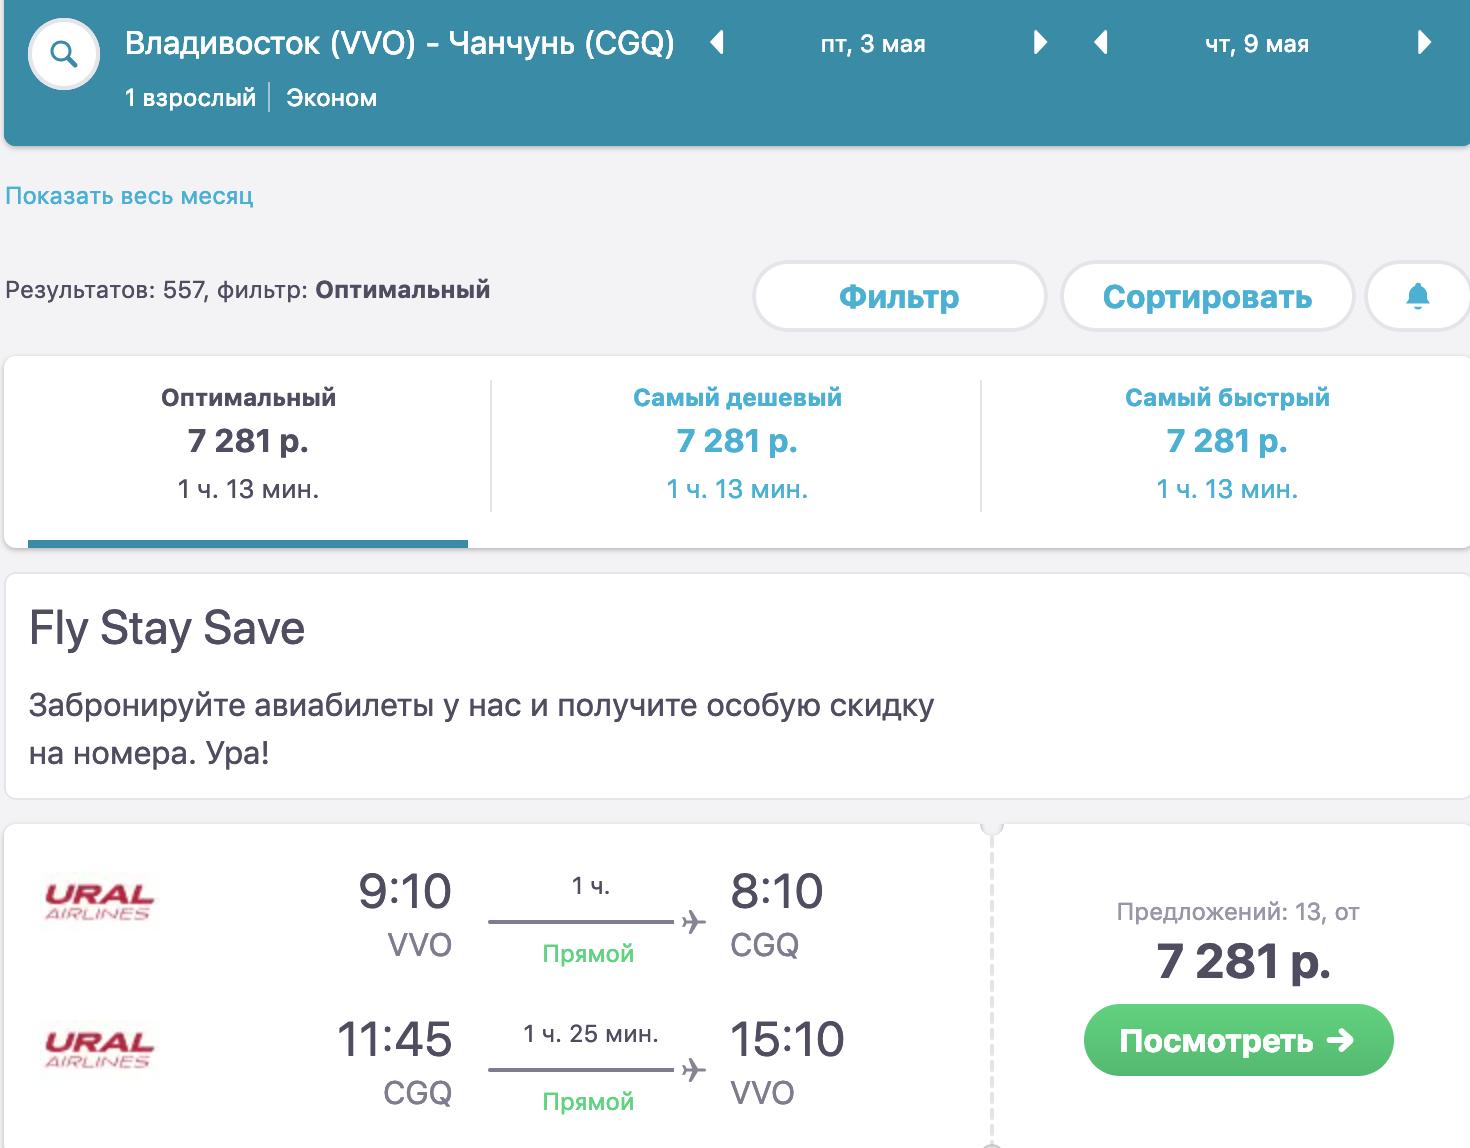 Ural airlines: новое направление из Владивостока в Китай за 7300₽ туда-обратно на майские